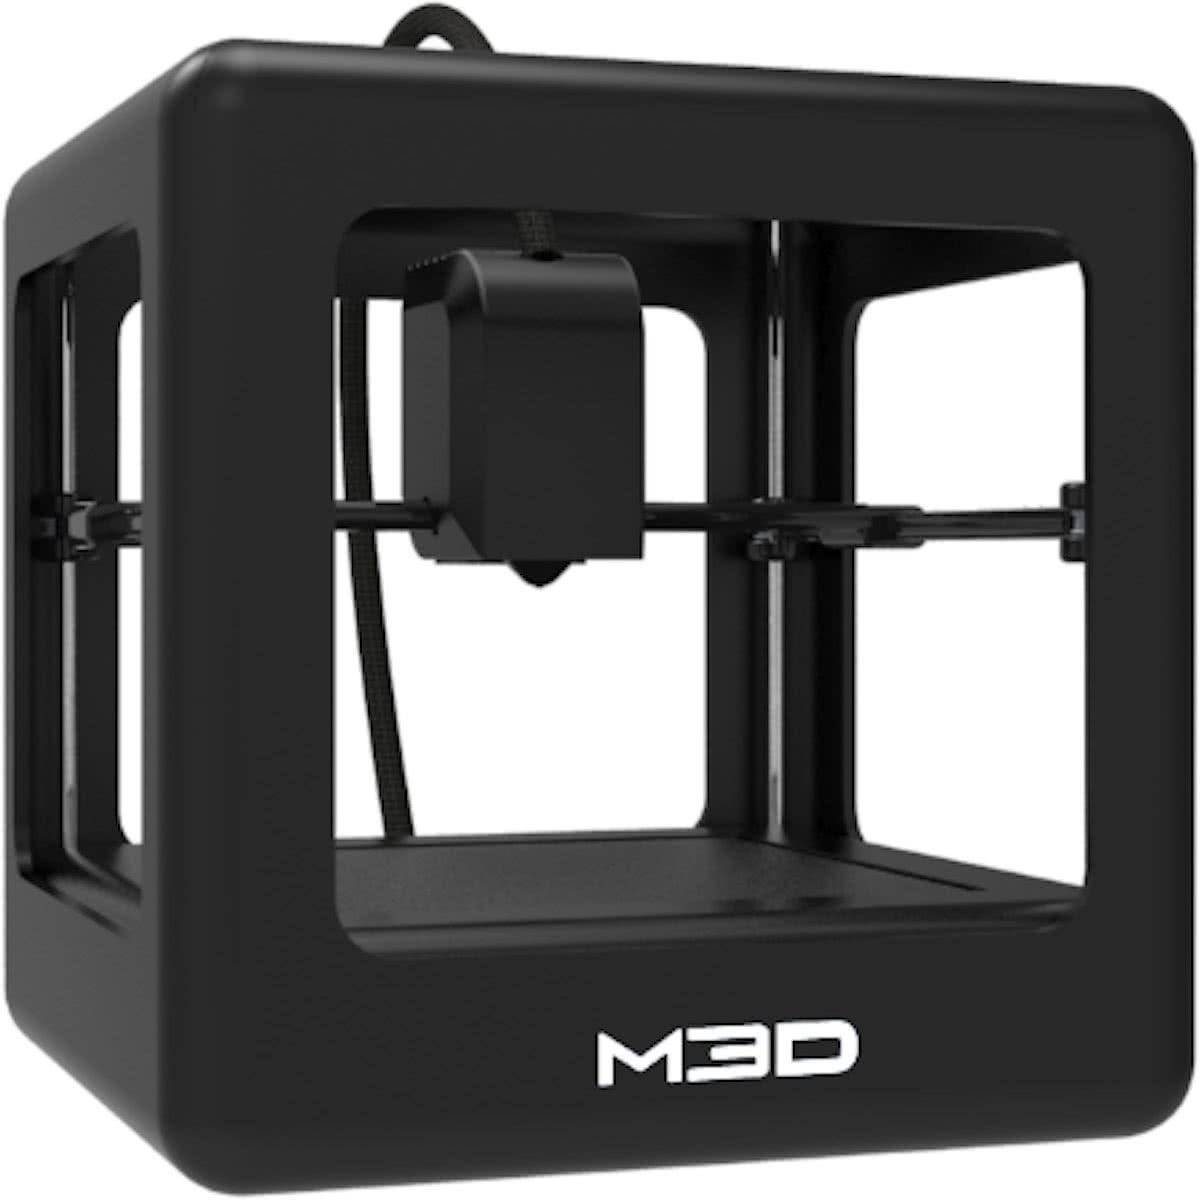 Imprimante 3d m3d micro 3d - 5% de remise imm�diate avec le code : deal5